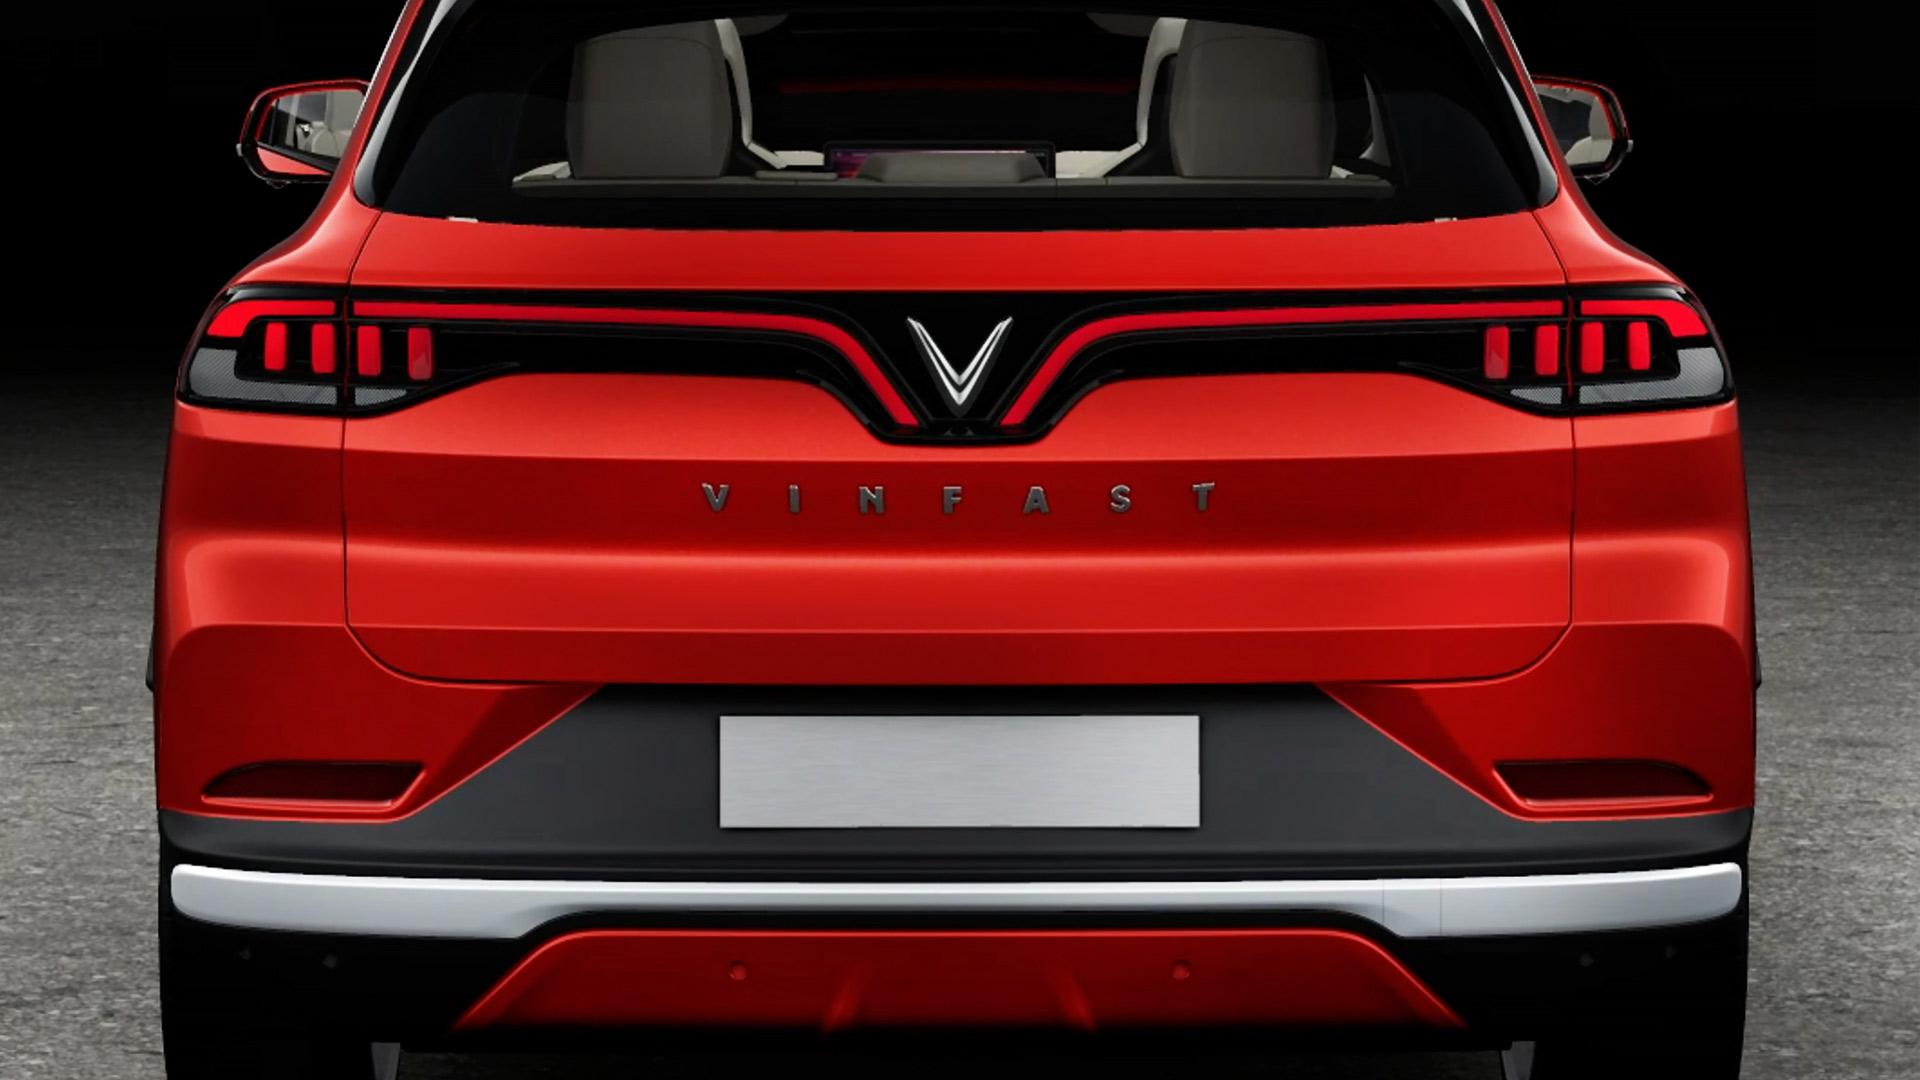 Truyền thông Mỹ viết gì về 3 mẫu xe SUV điện của VinFast?